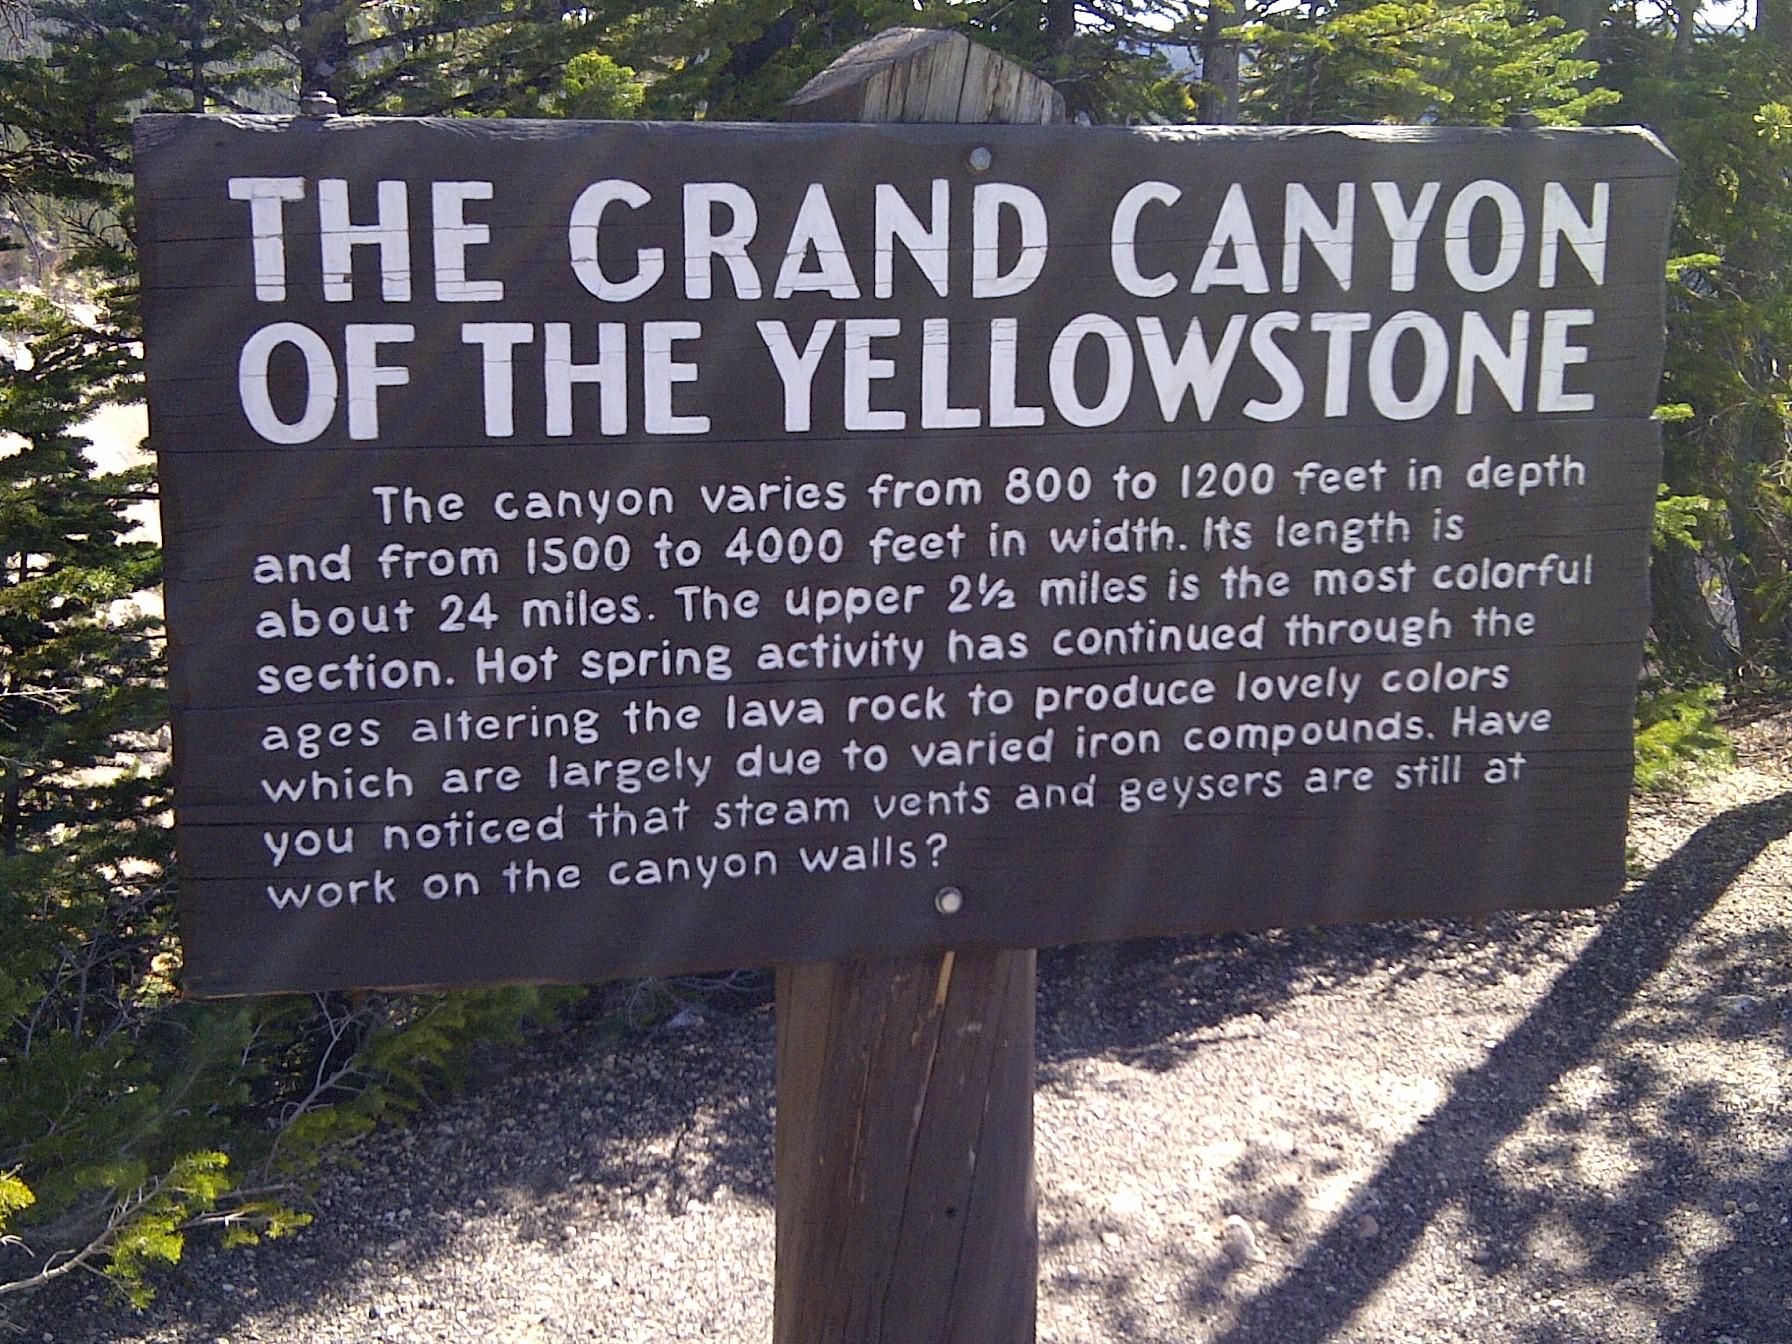 Ohh Yellowstone